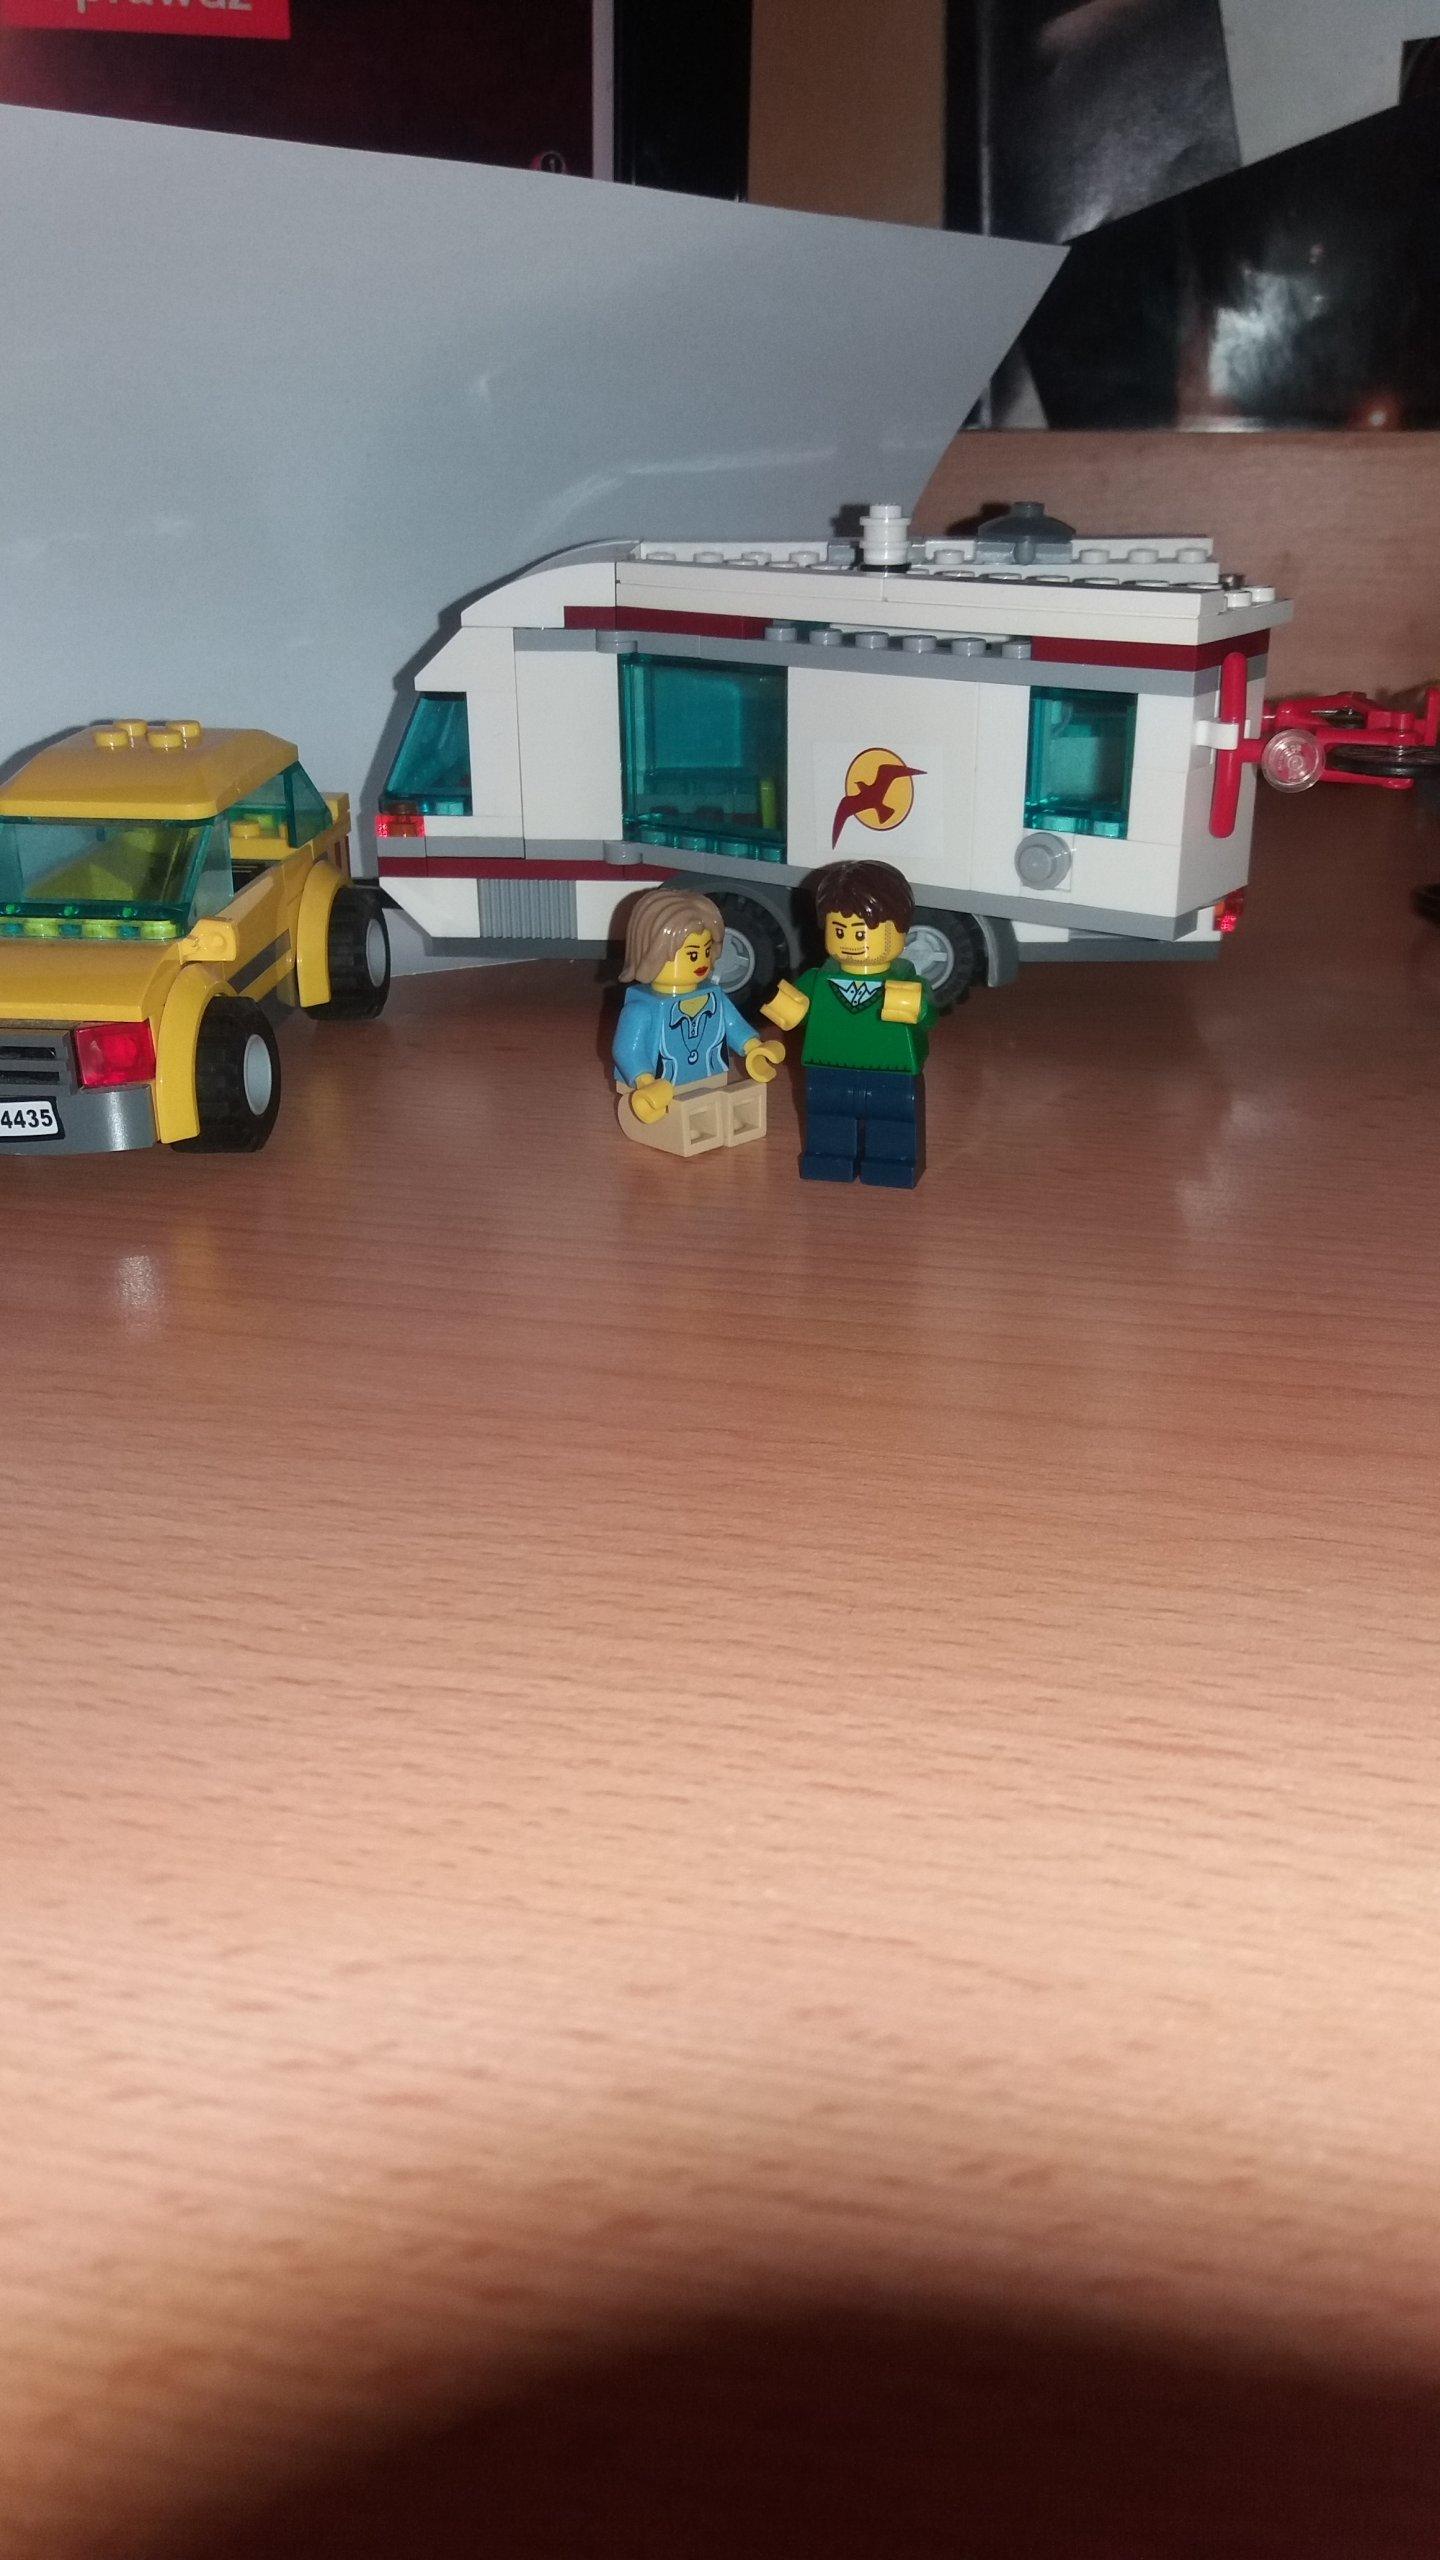 Lego City Samochód Z Przyczepą Kempingową 4435 7090232922